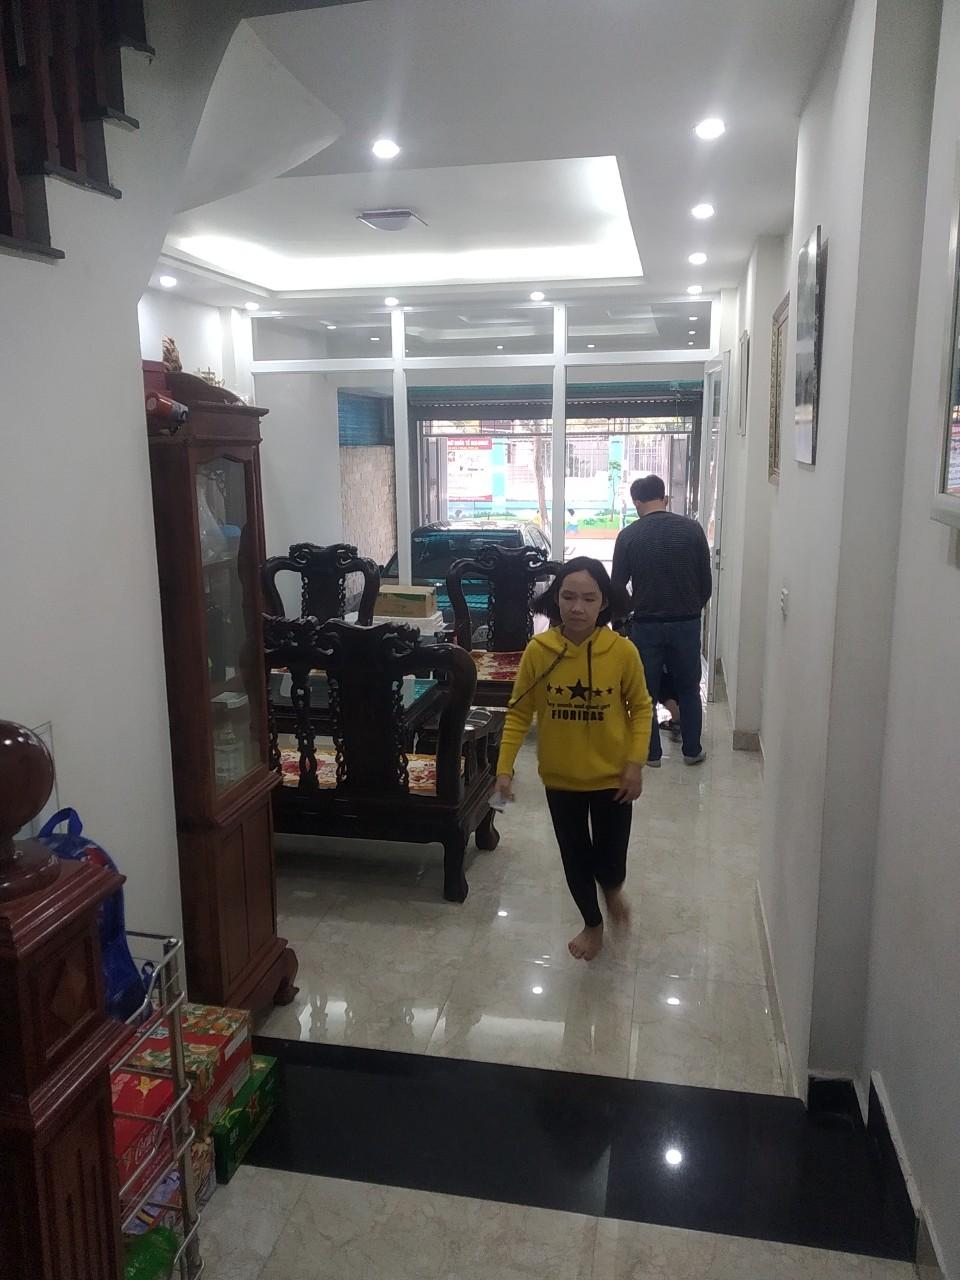 Bán Liền kề phân khu LKCVP lô TT28, mặt đường 12m, nhà hướng Tây - Bắc, Khu đô thị Văn Phú [#H2313.1910]